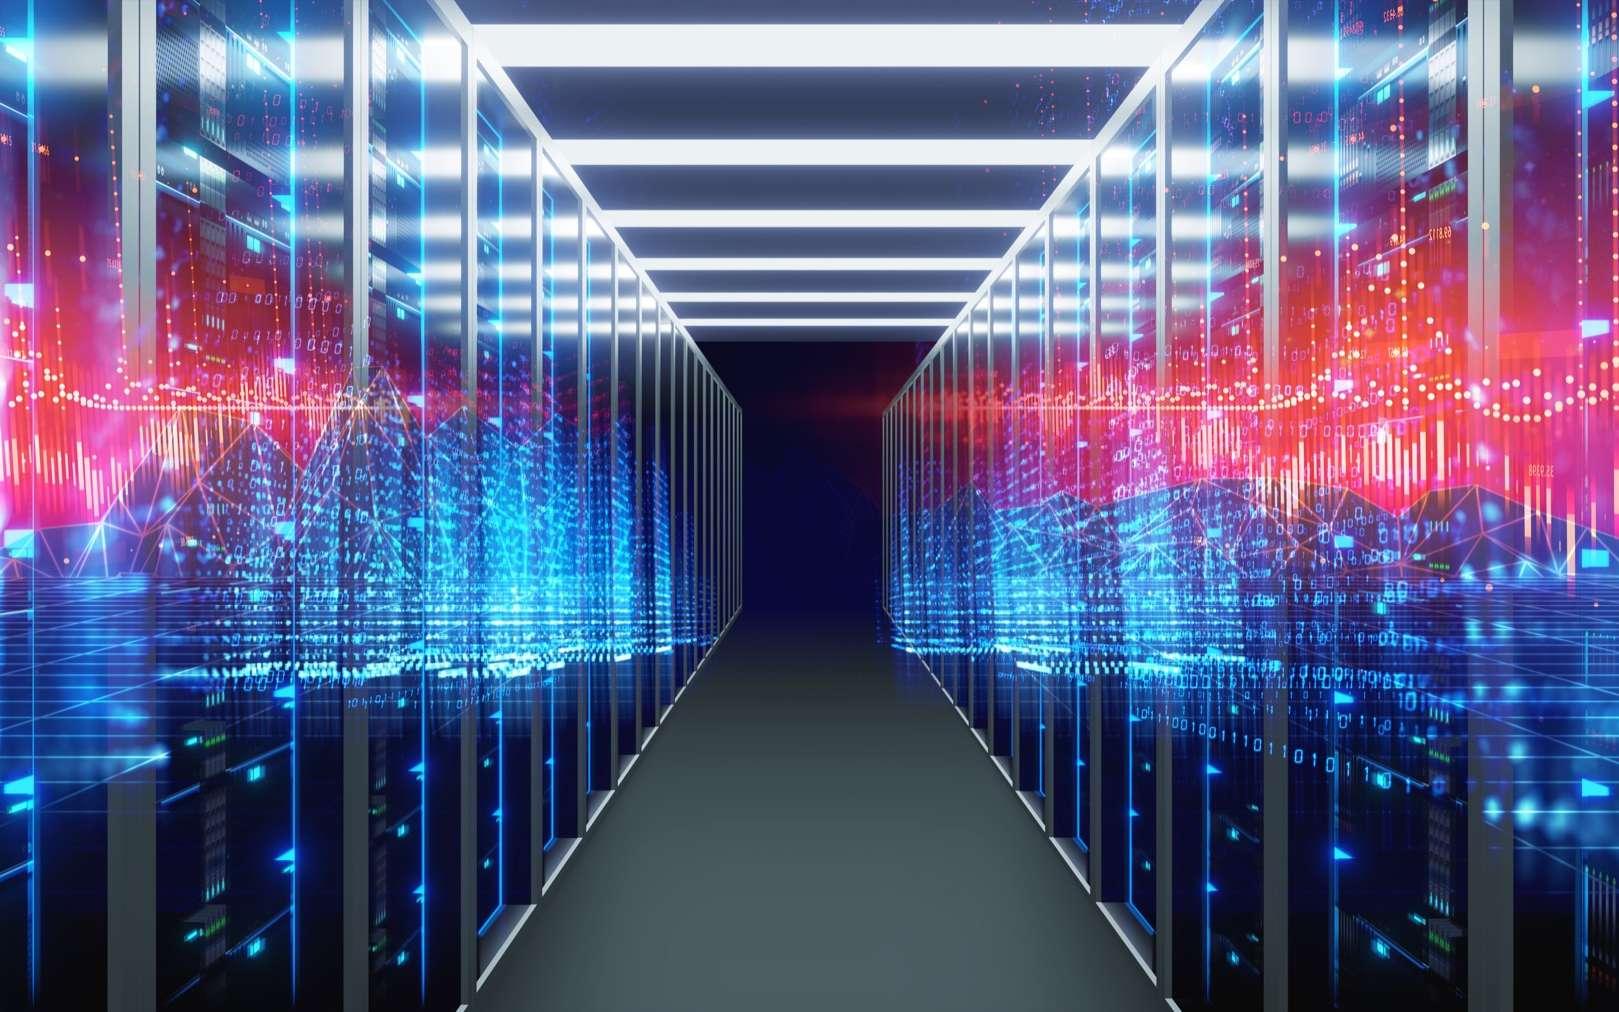 Pendant le confinement et pour permettre le télétravail, il faudra être responsable pour éviter la saturation des réseaux. © Monsitj, Adobe Stock